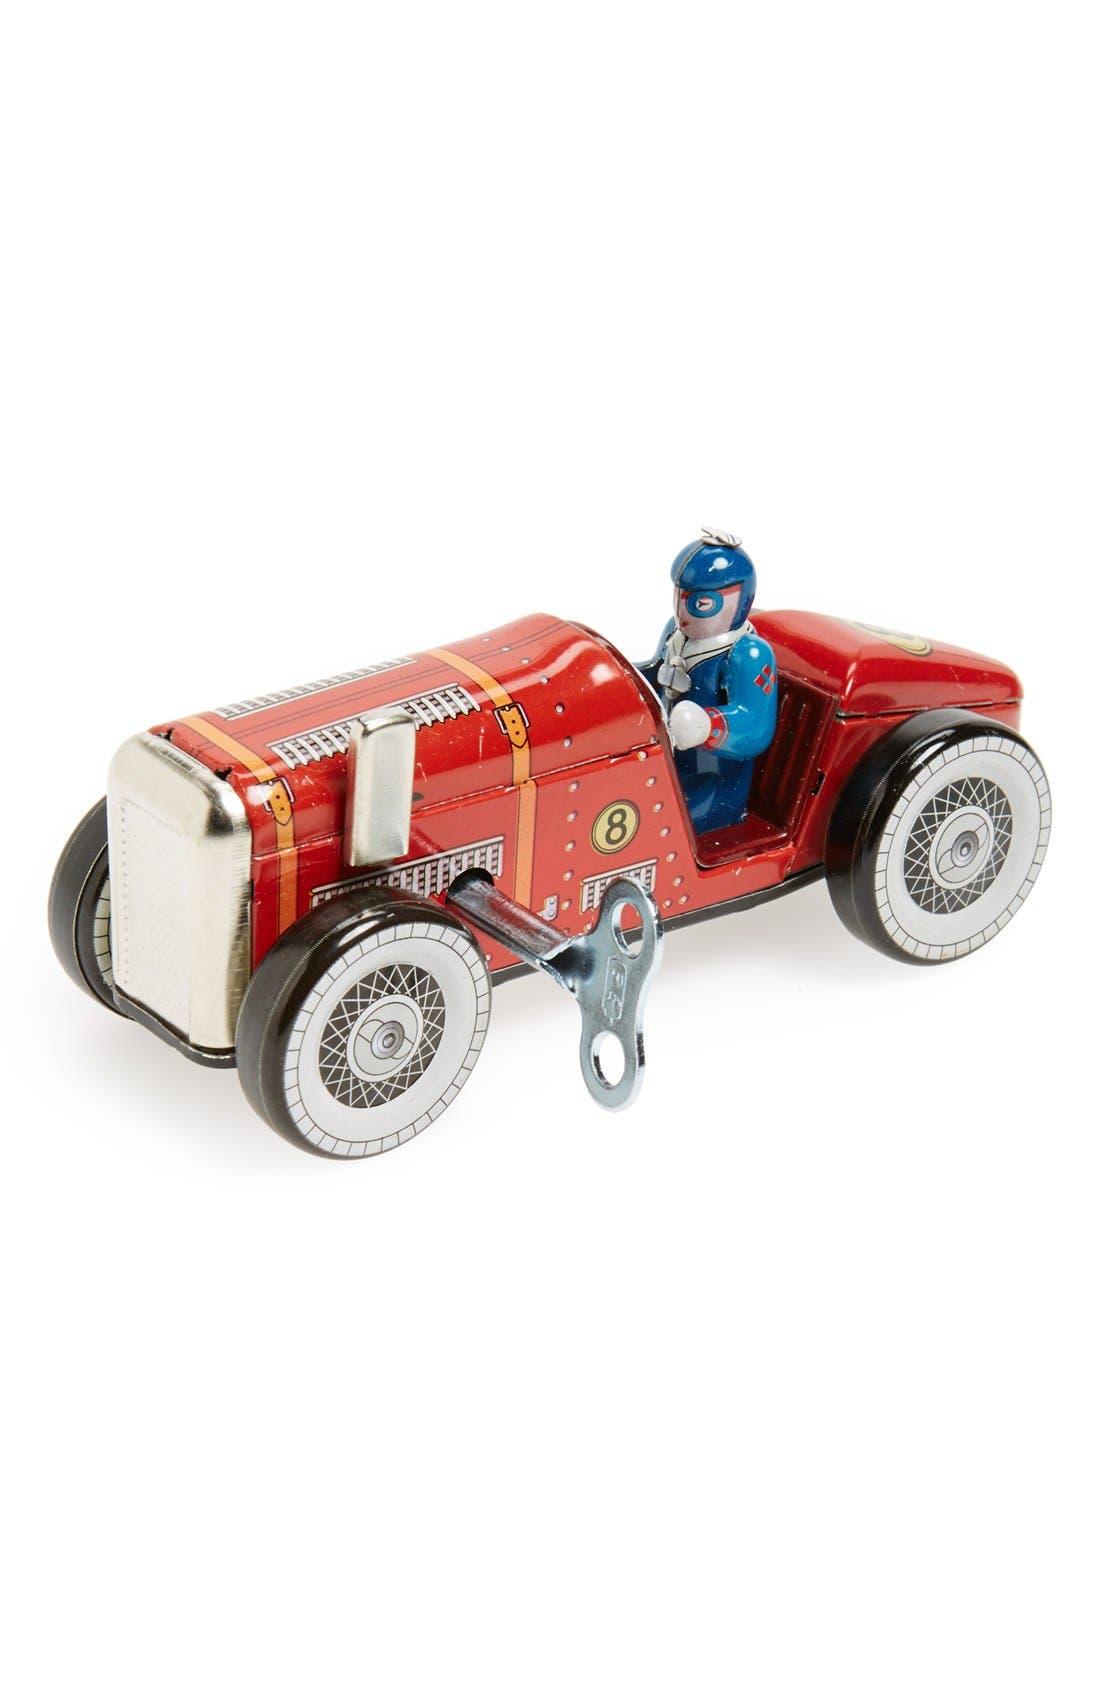 Main Image - Sunnylife 'Dr. Django's Speedway Racer' Collectible Tin Car